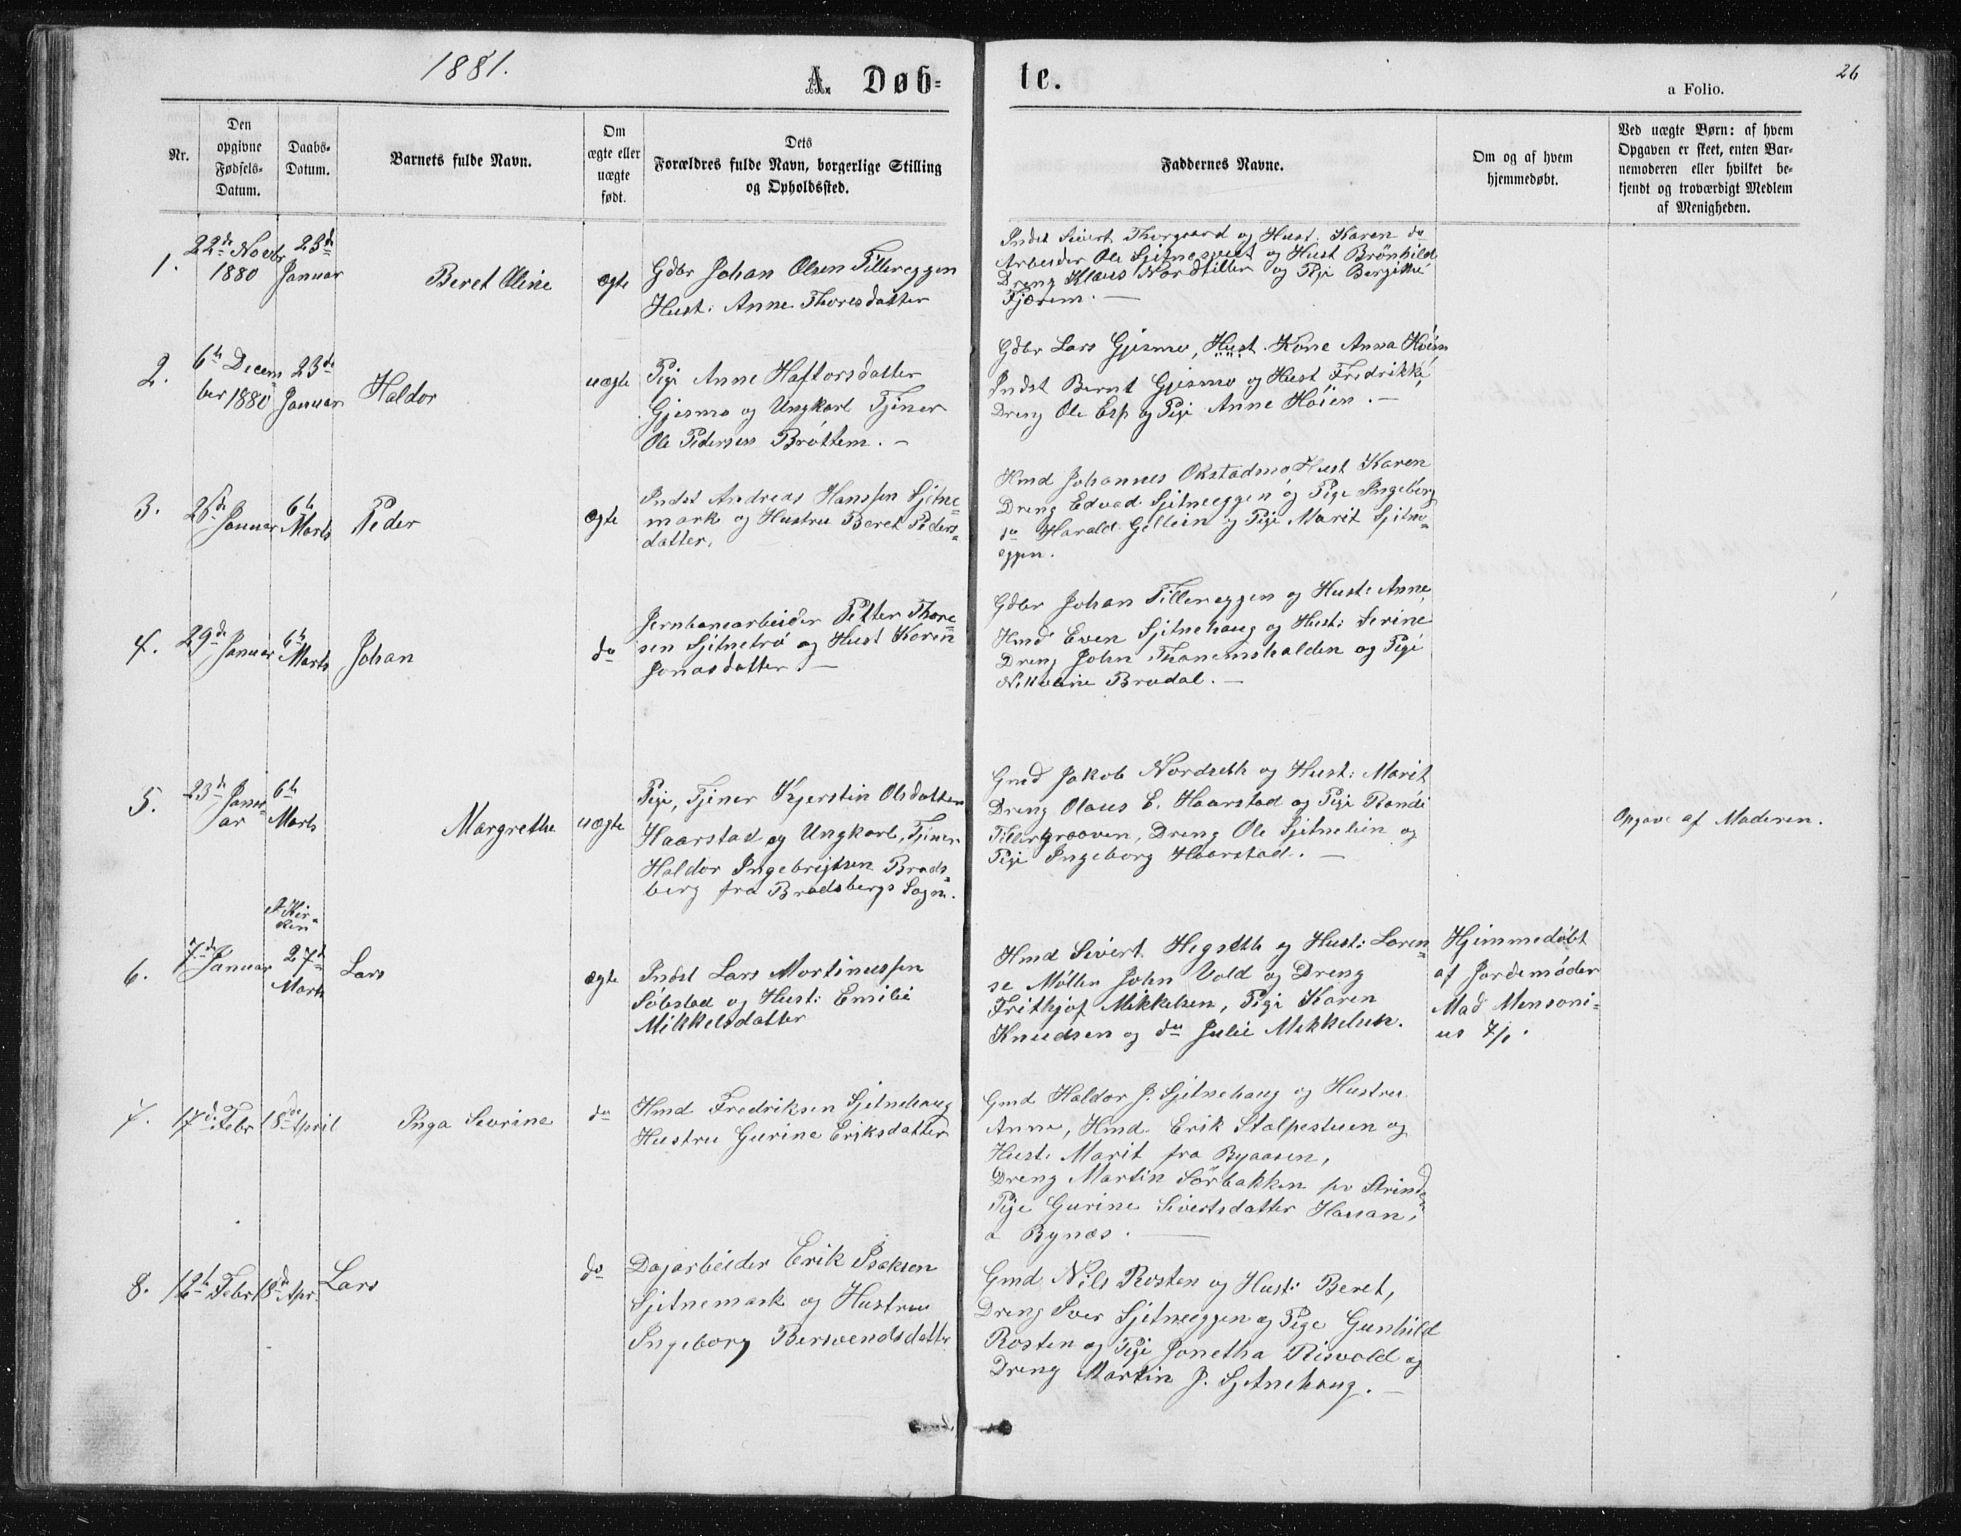 SAT, Ministerialprotokoller, klokkerbøker og fødselsregistre - Sør-Trøndelag, 621/L0459: Klokkerbok nr. 621C02, 1866-1895, s. 26